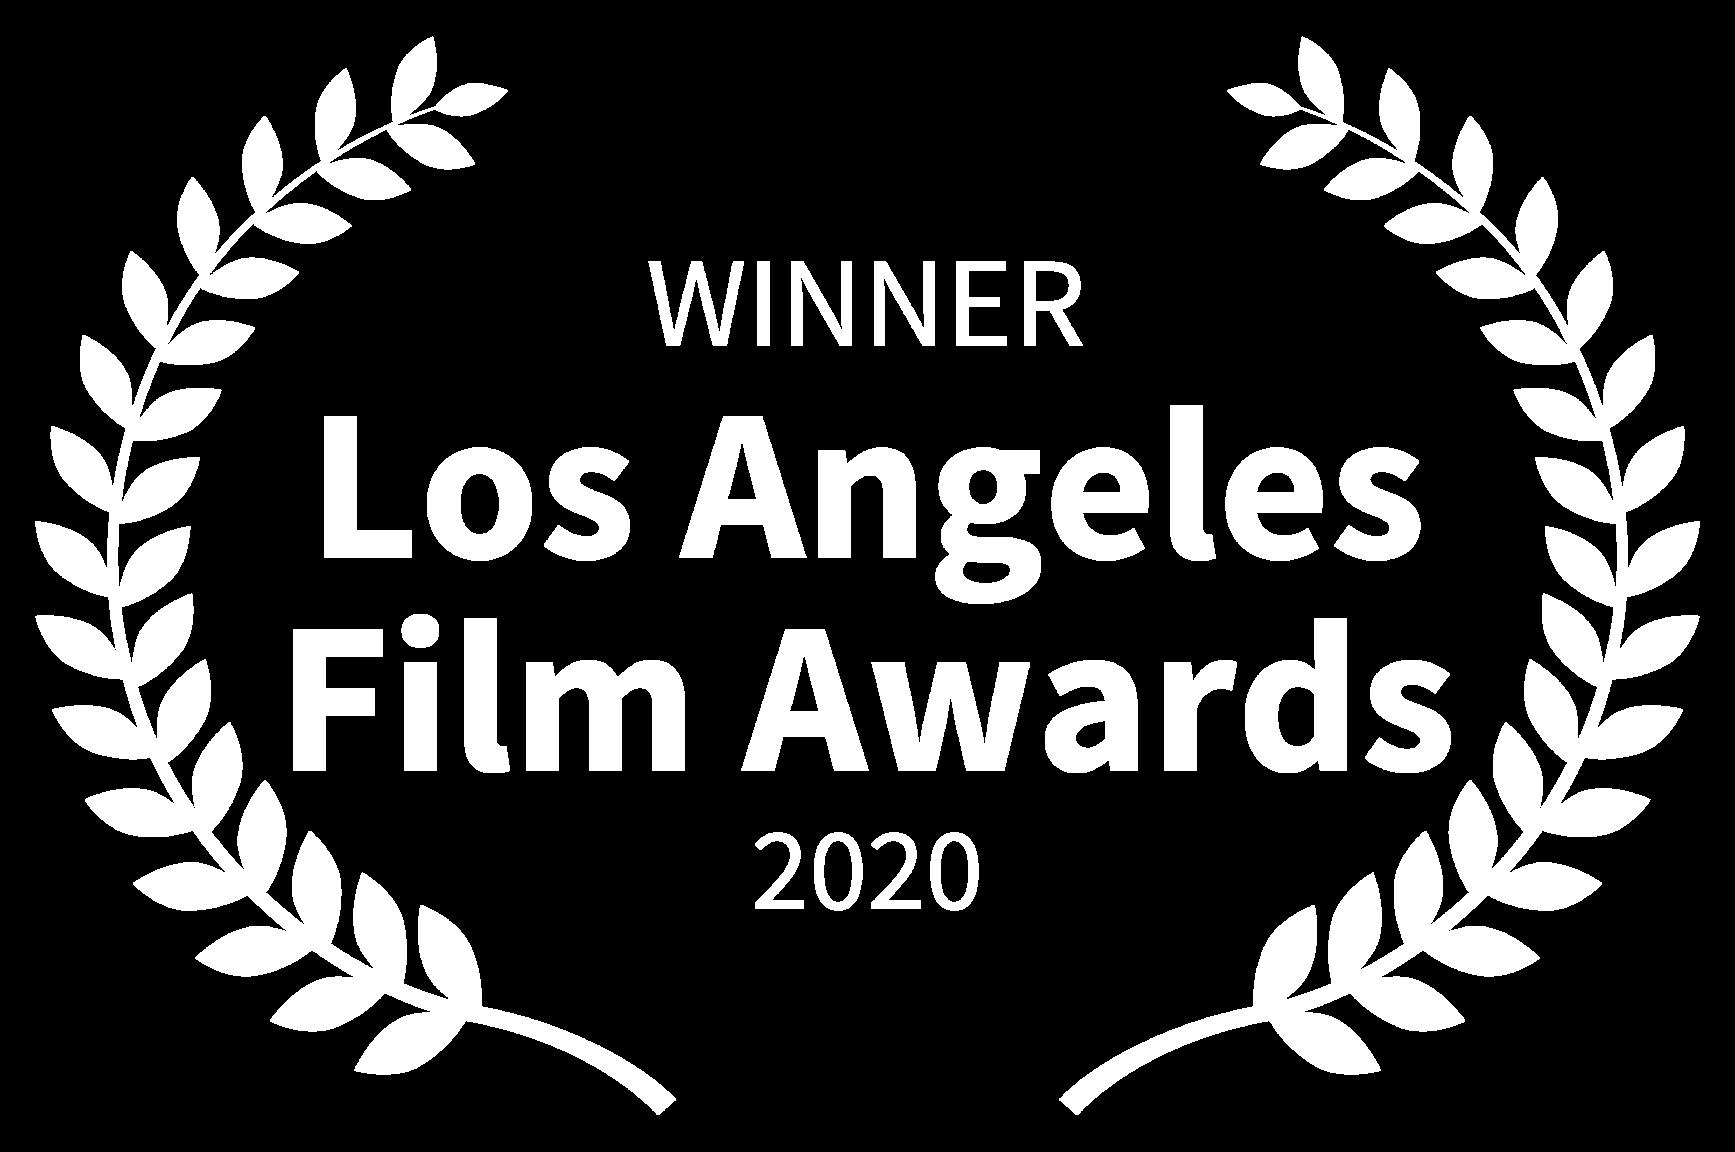 WINNER - Los Angeles Film Awards - 2020 (1)